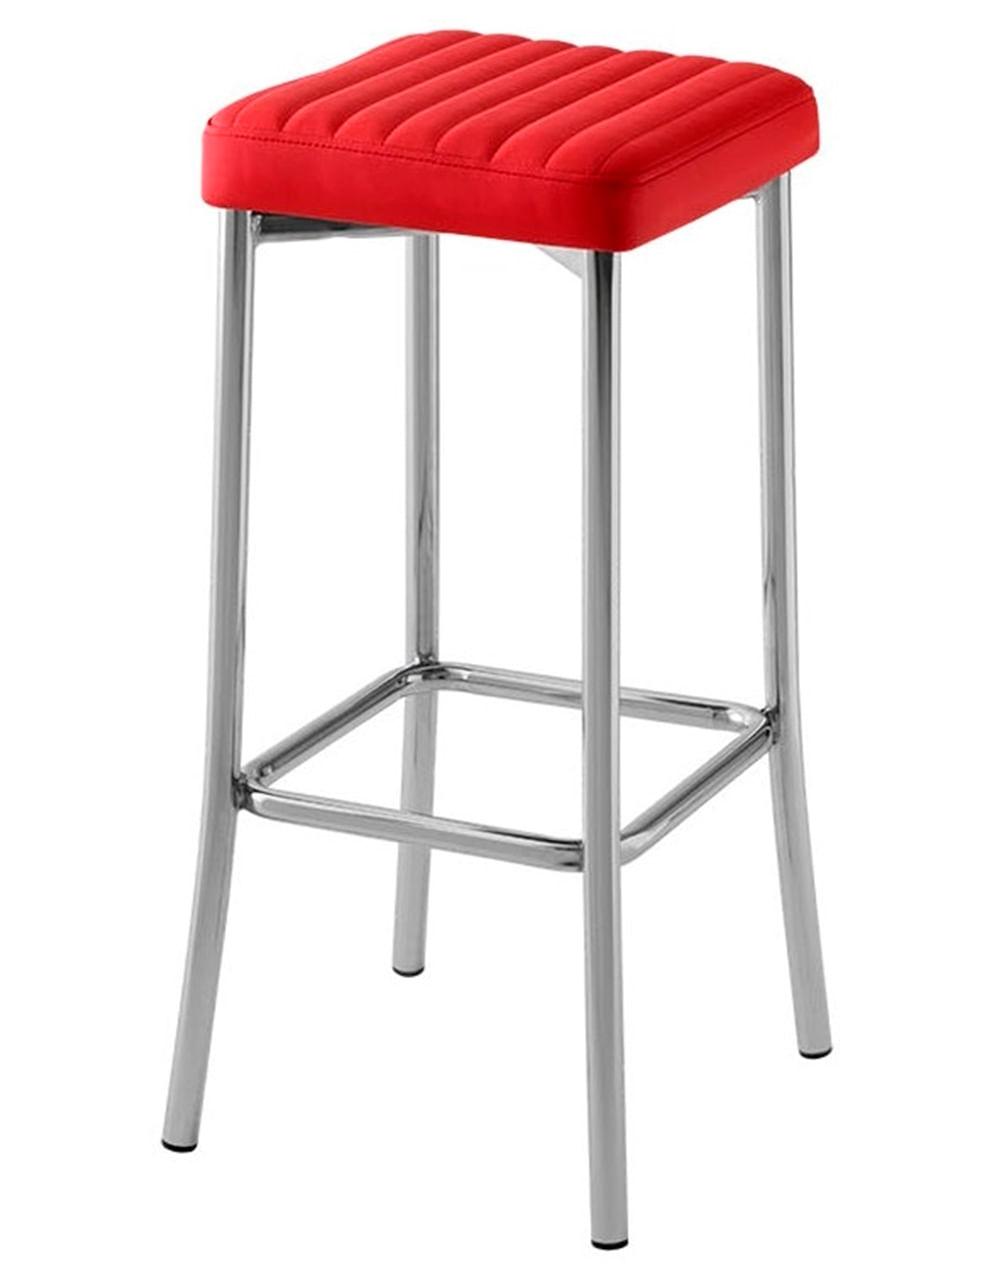 Banqueta Seat Gomada Assento Dunas Vermelho com Base Cromada 76 cm (ALT) - 47049